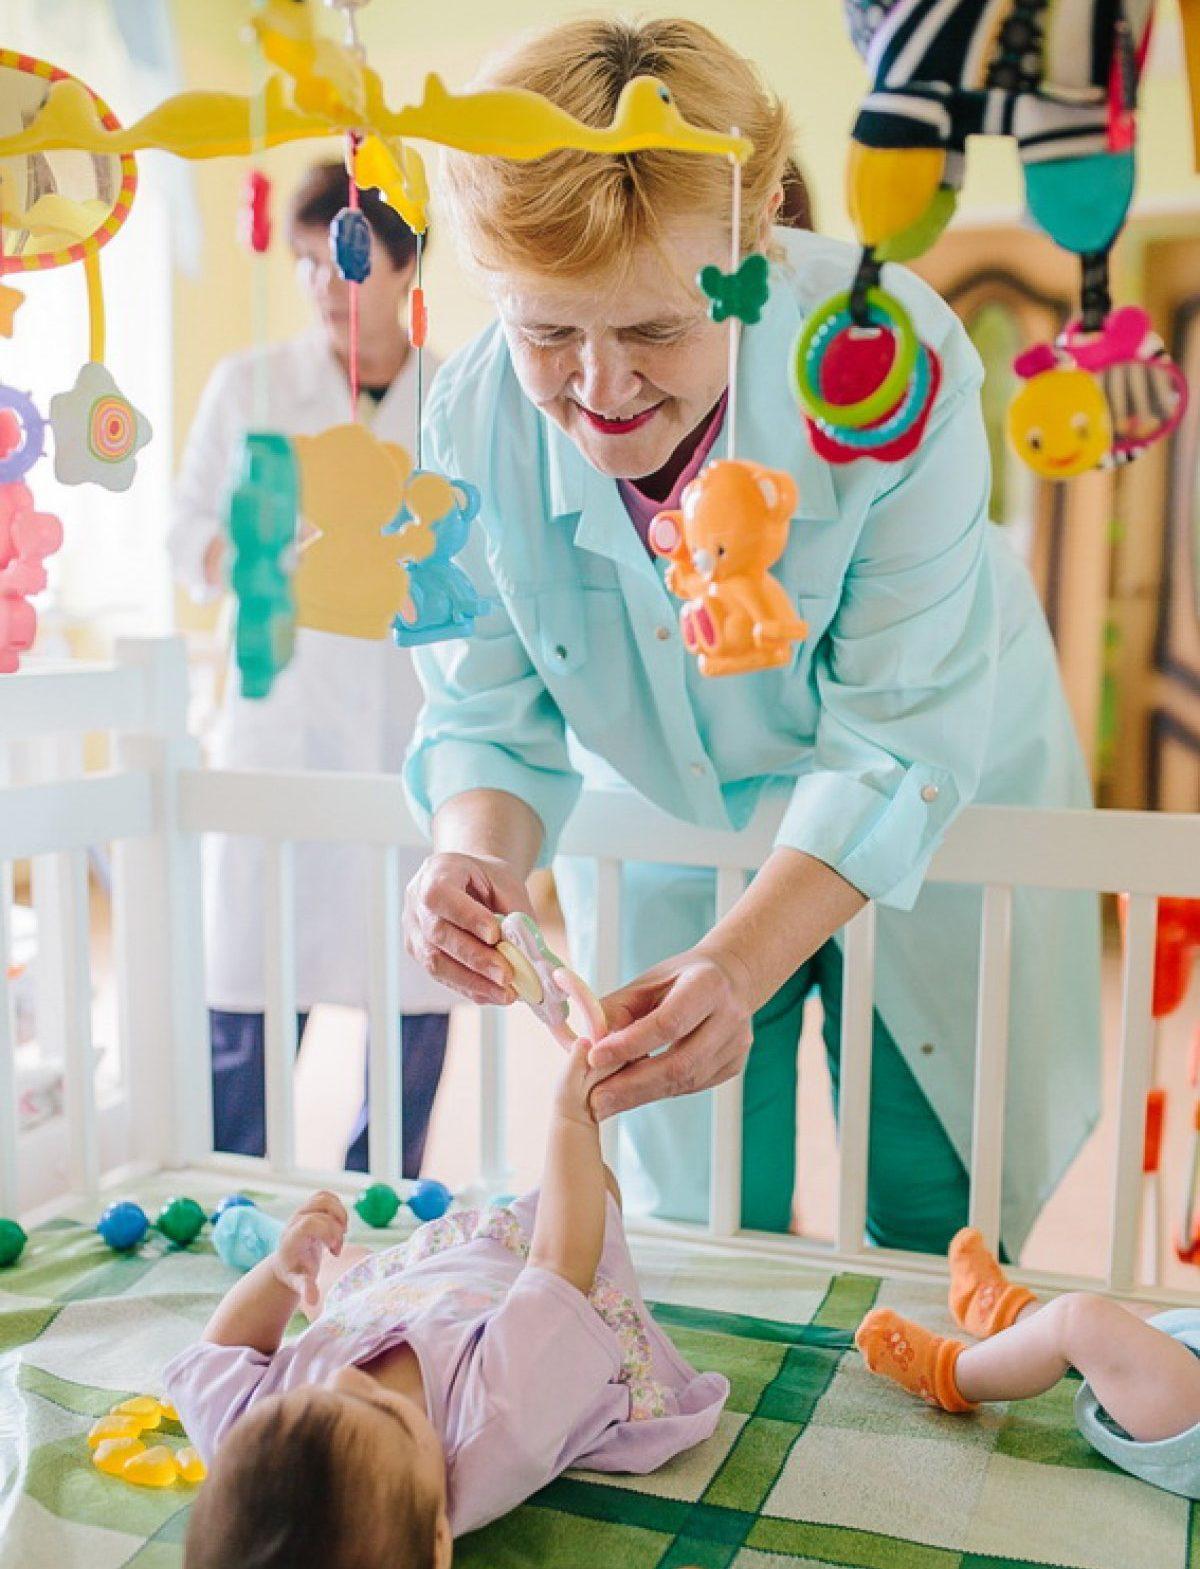 В Тверской области введут региональные выплаты для сотрудников домов ребенка